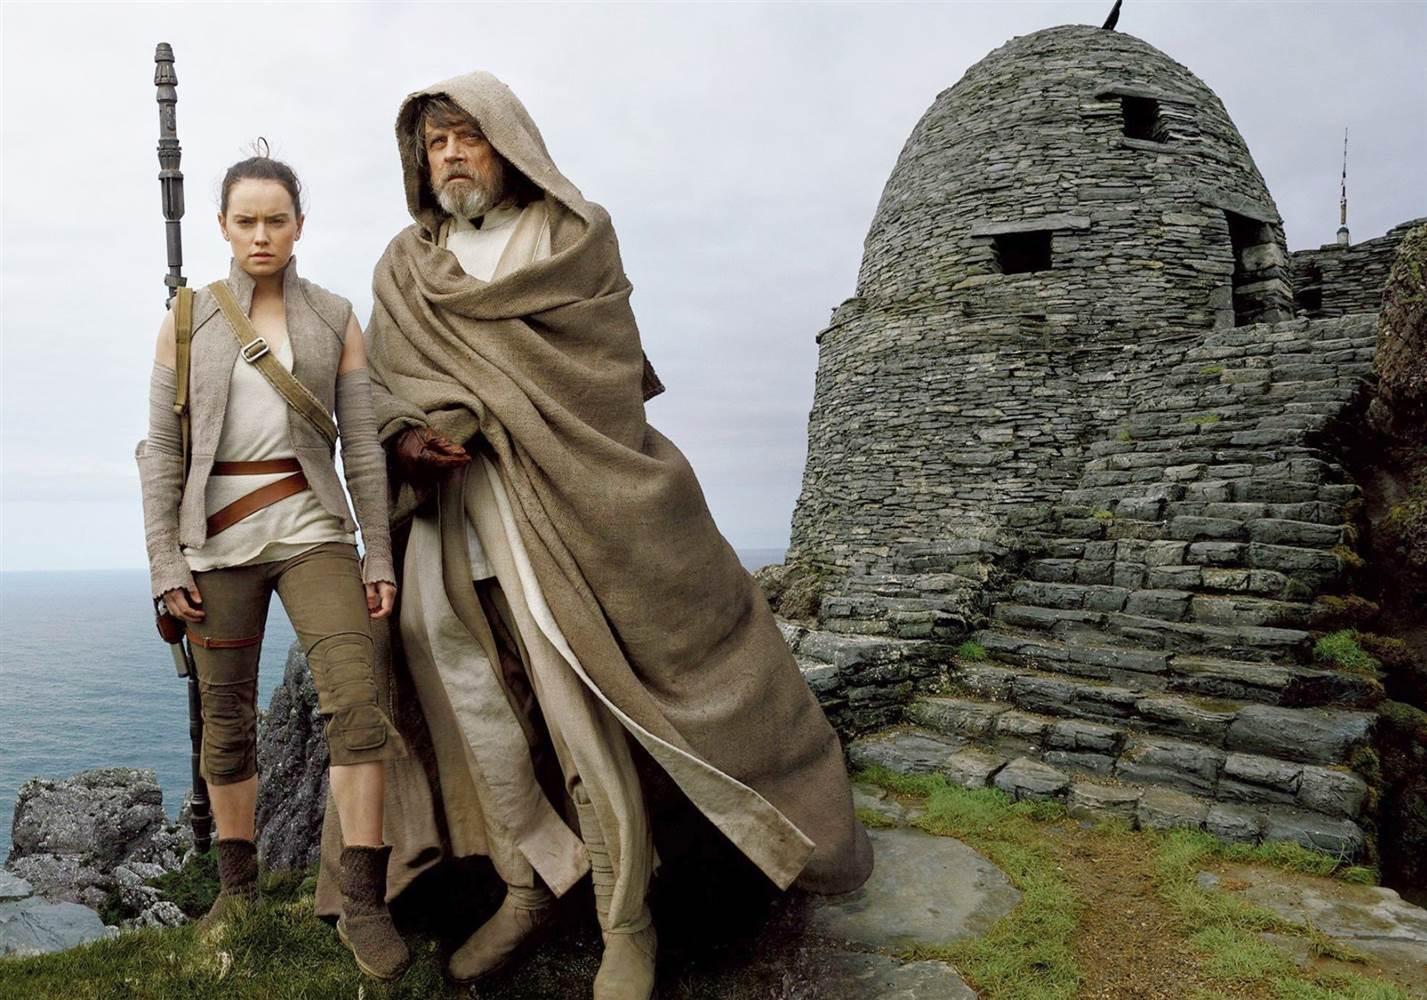 Rey & Luke Skywalker